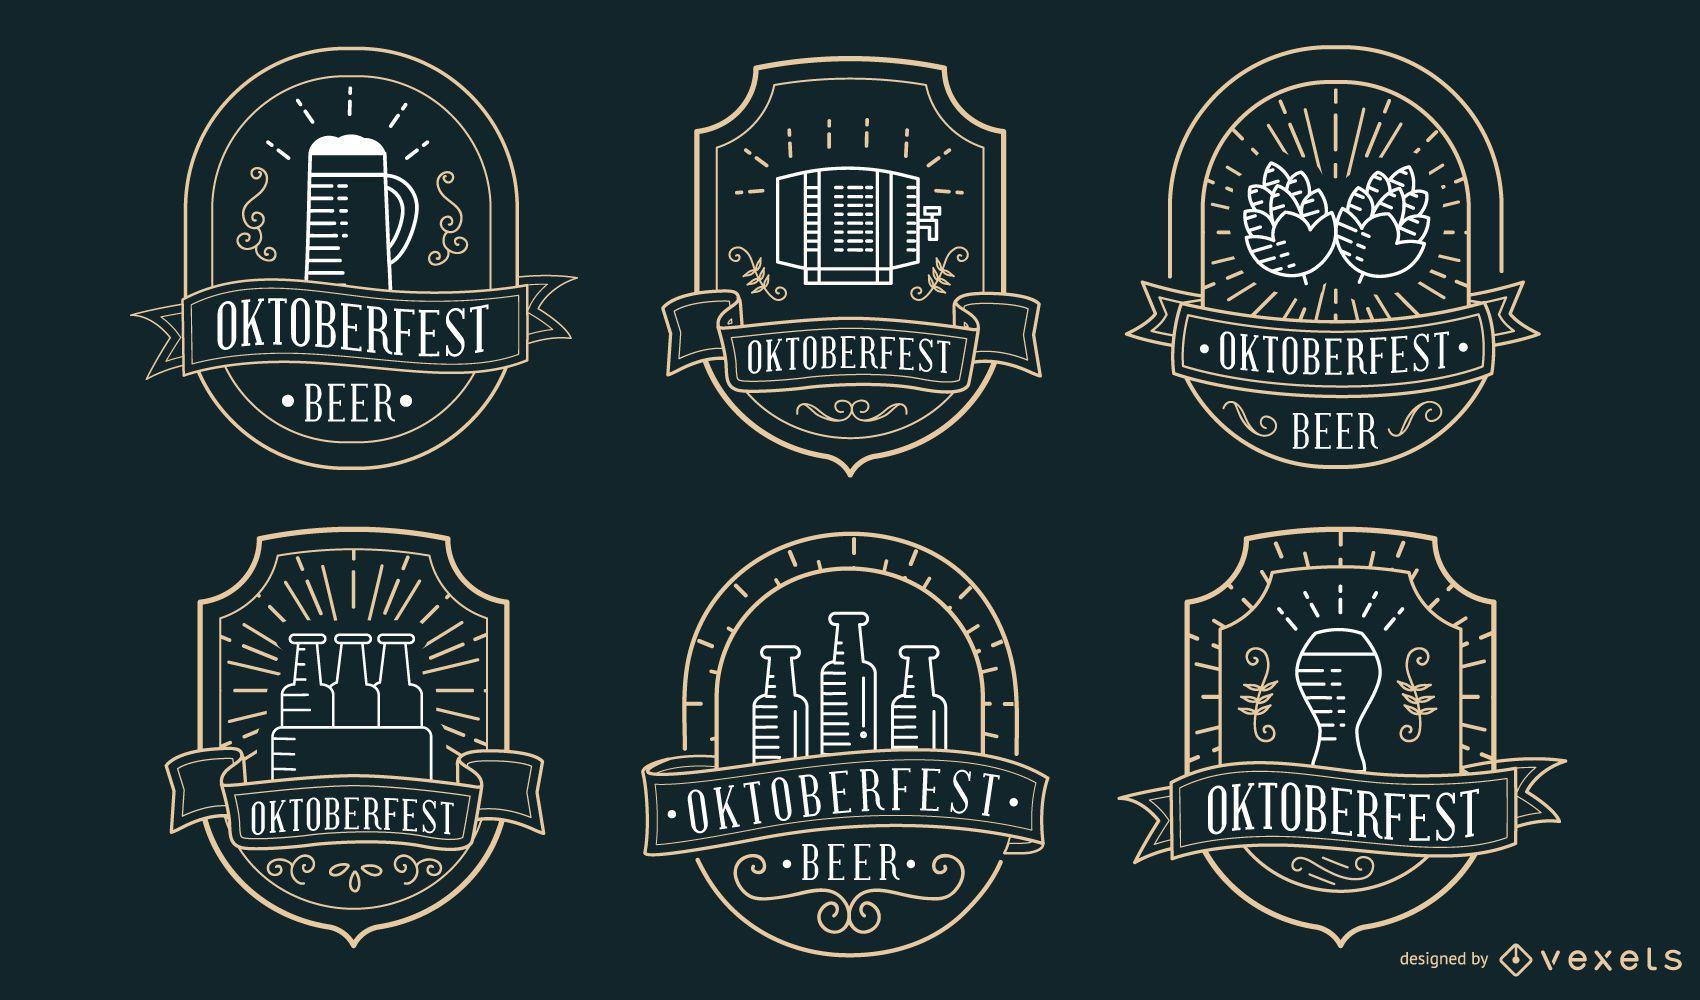 Colecci?n de insignias de Oktoberfest